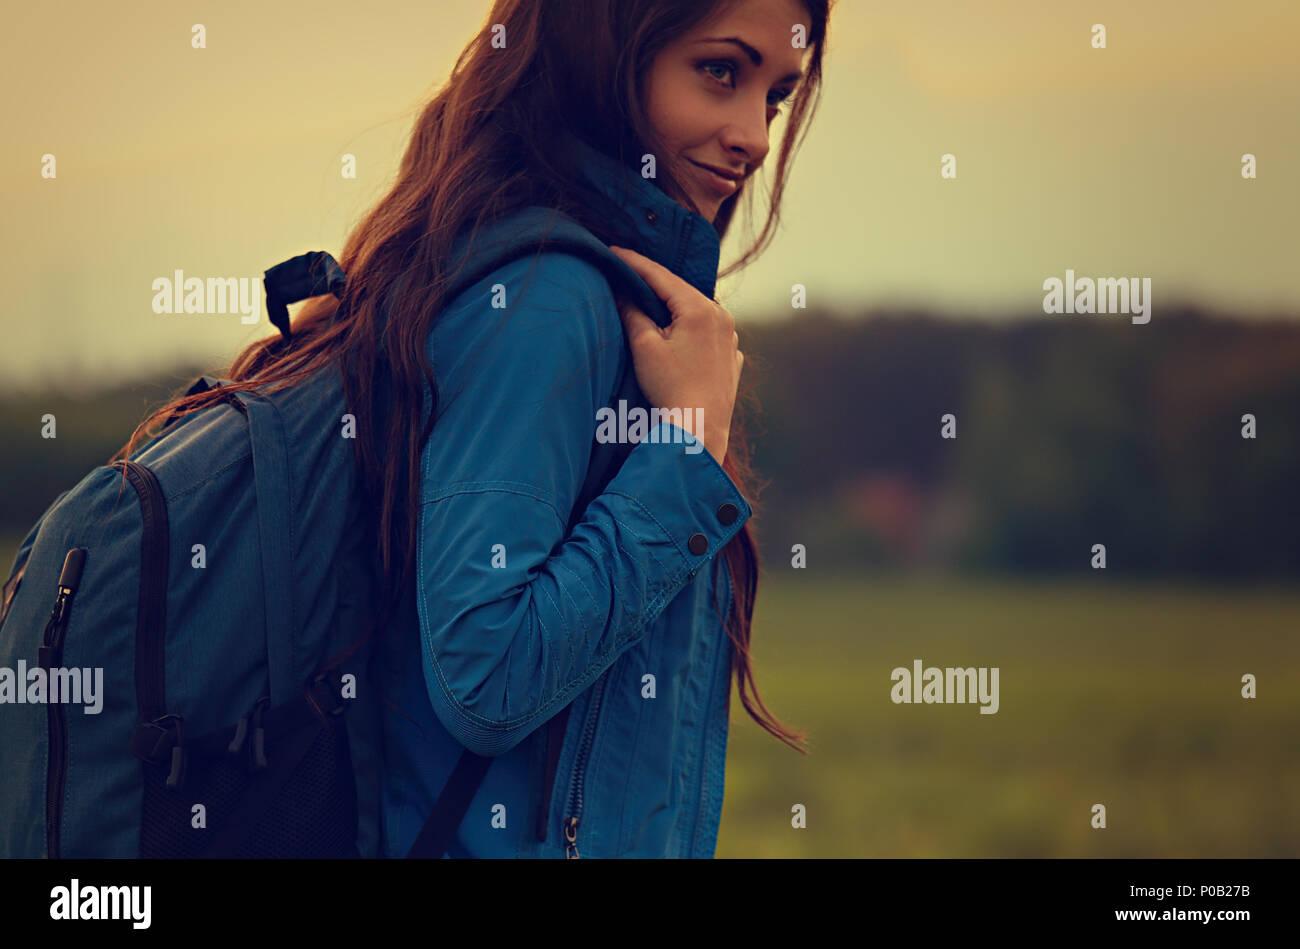 Feliz mochileros aventureros mujer tienen el camping viaje con azul enorme gaita en carácter de fondo de verano. Tonificado closeup retrato Imagen De Stock